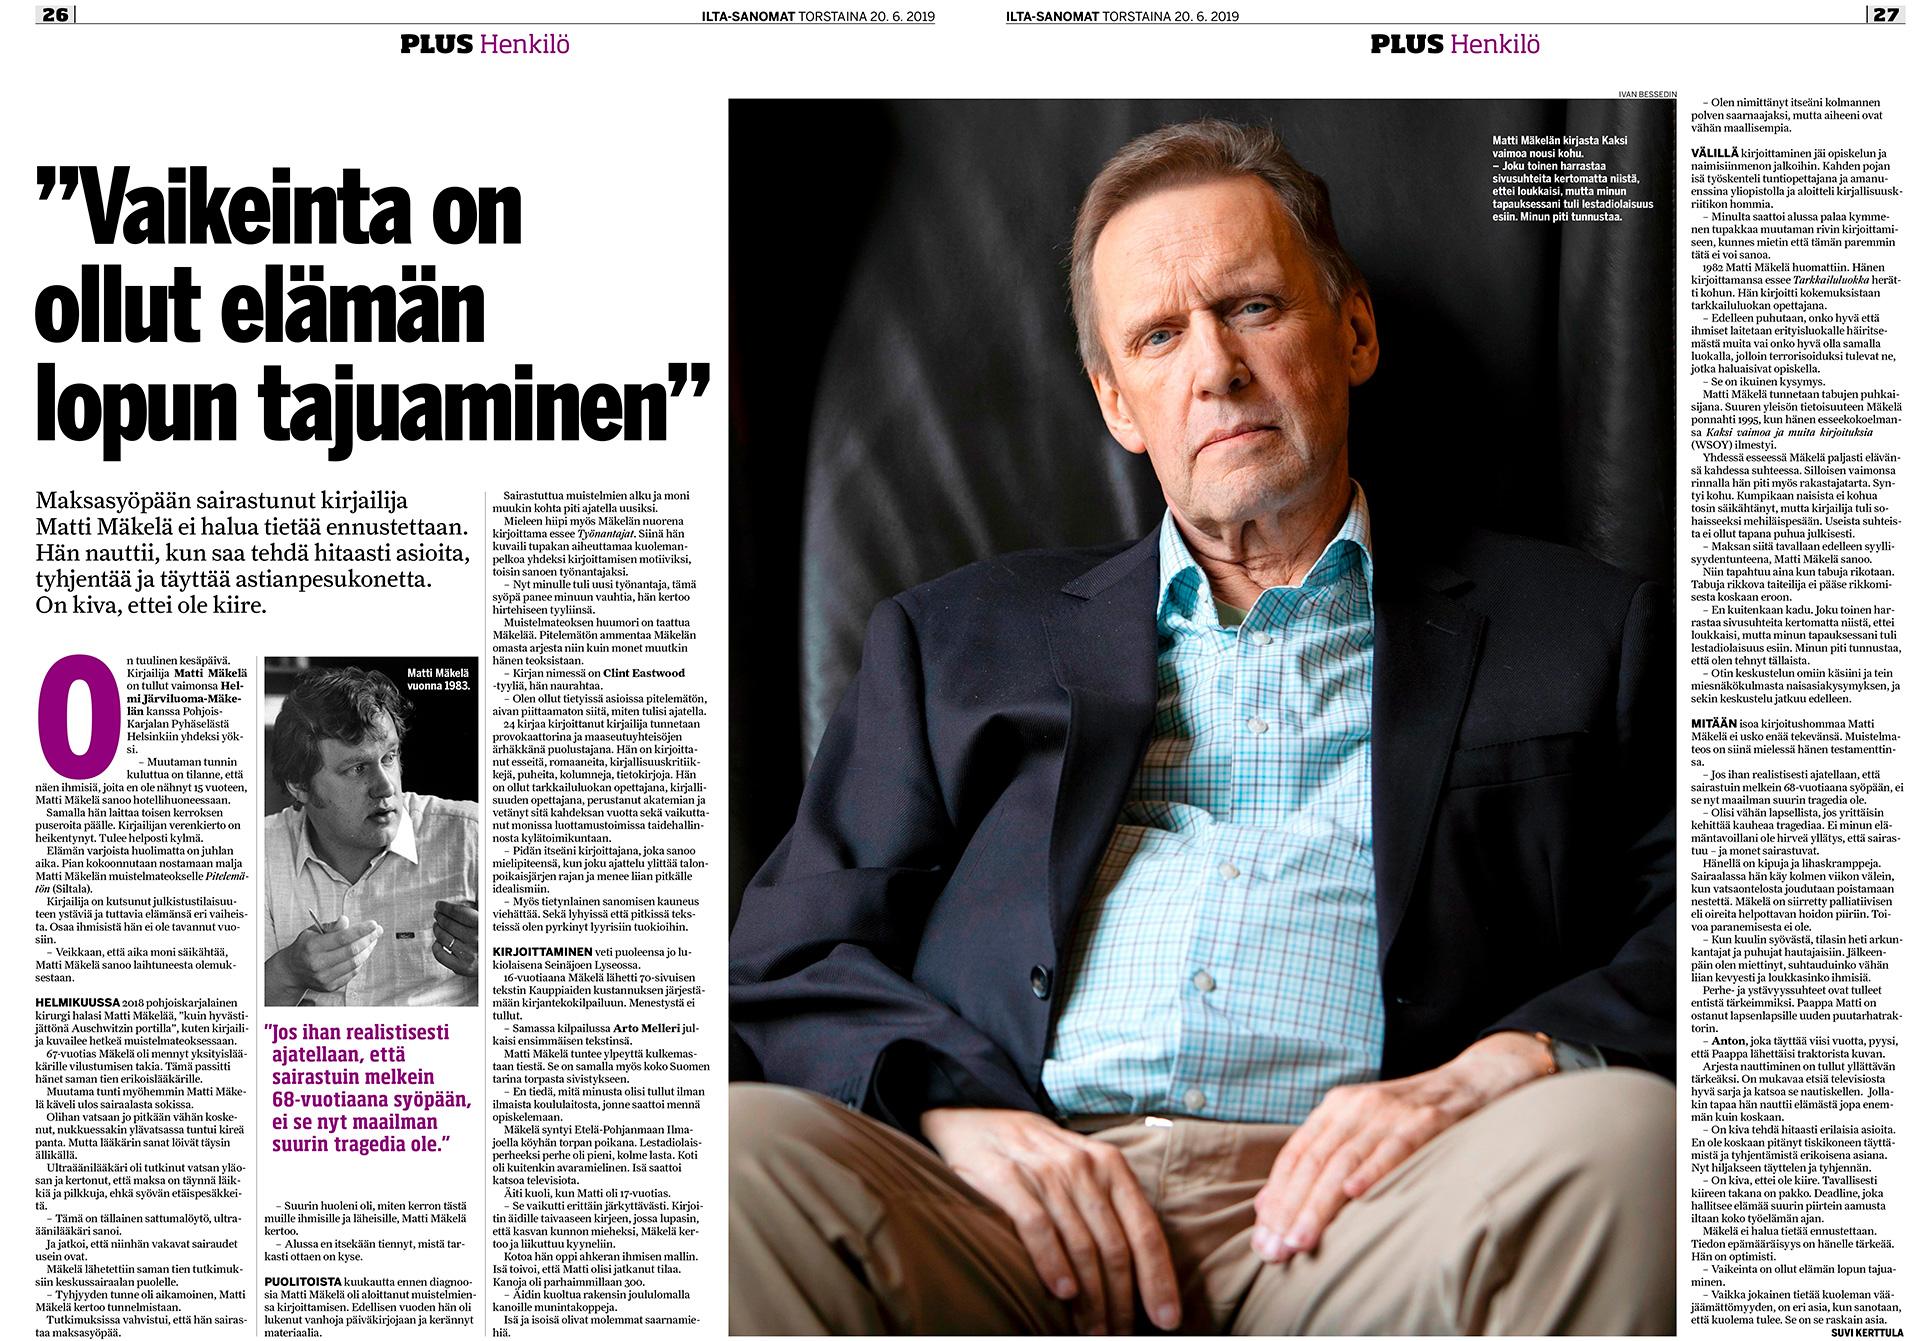 Ilta-Sanomat, Matti Mäkelä, kirjailija